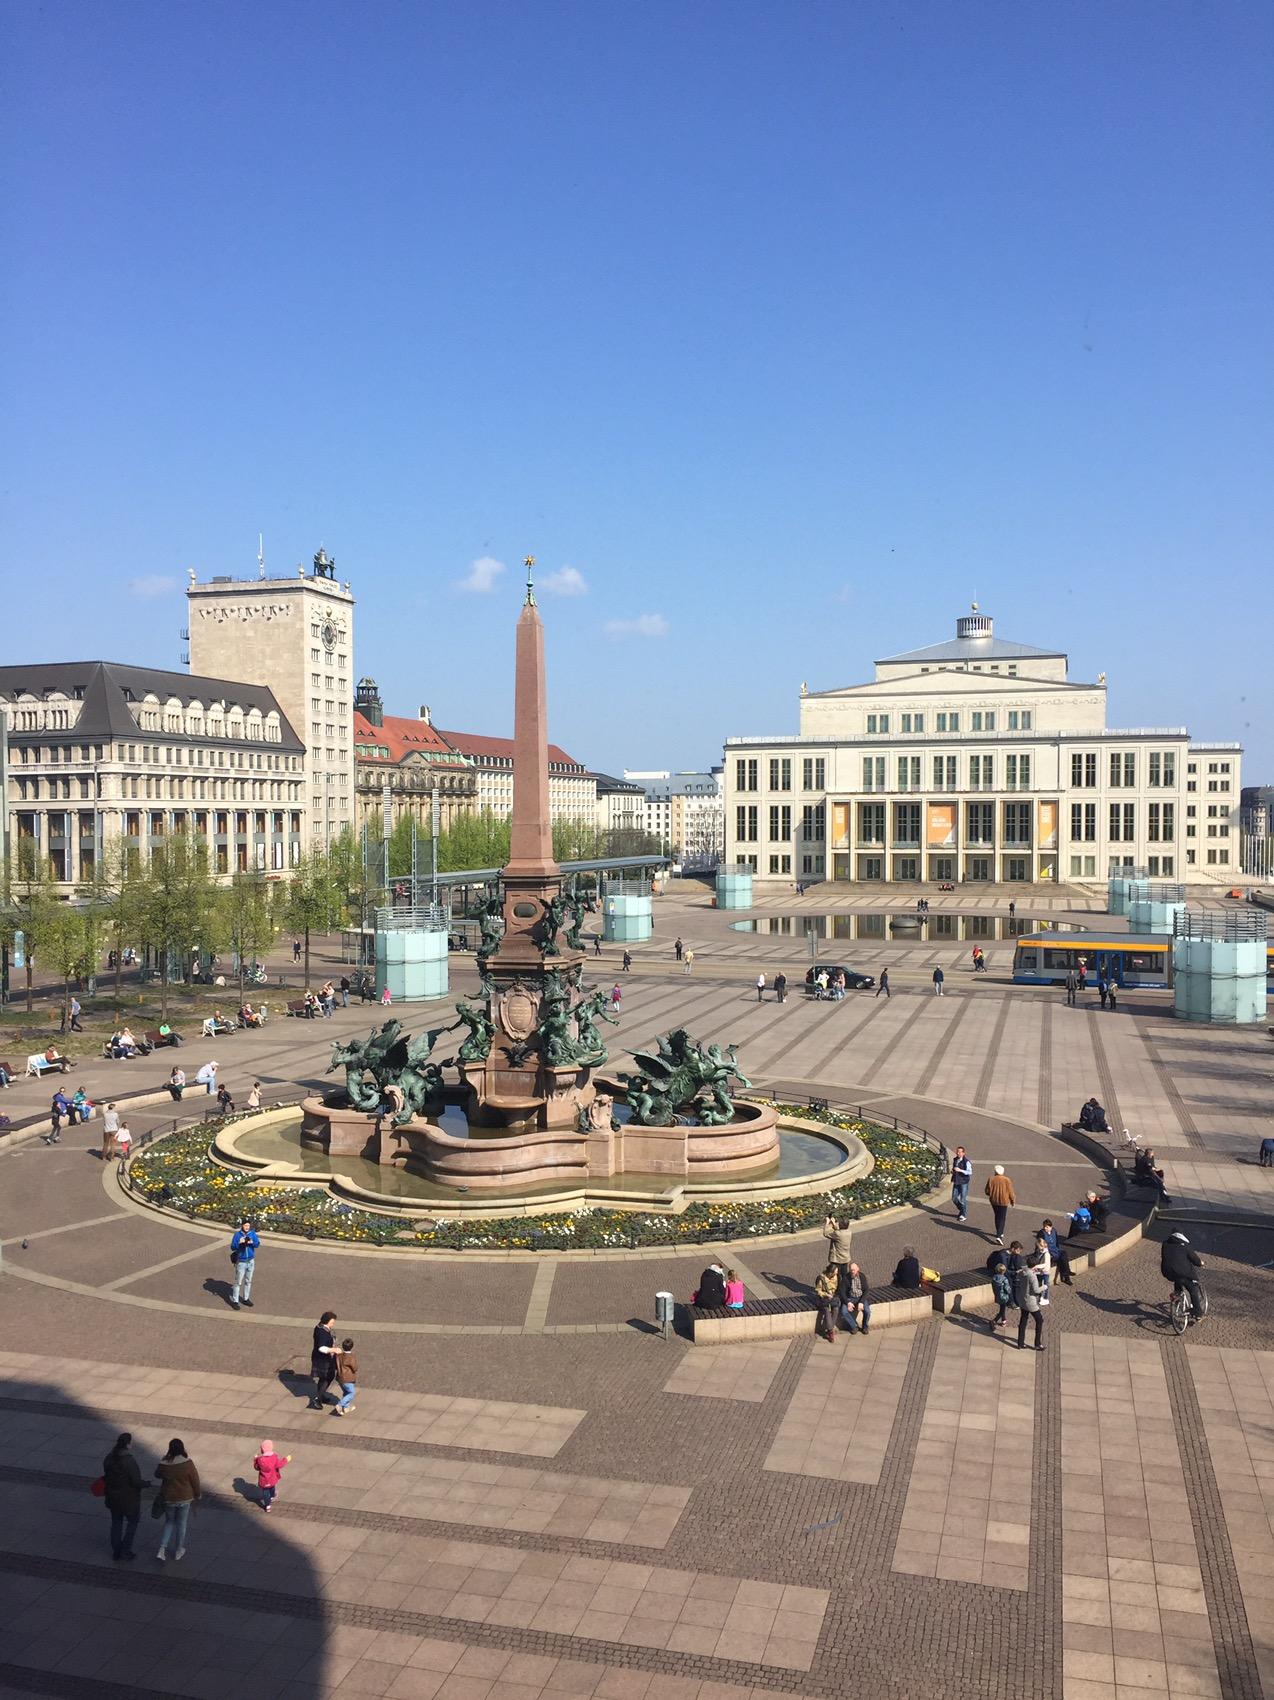 Rund um den Mendebrunnen, mit Blick auf die Oper und das Kroch-Hochhaus (links), Leipzigs erstes Turmhochhaus...